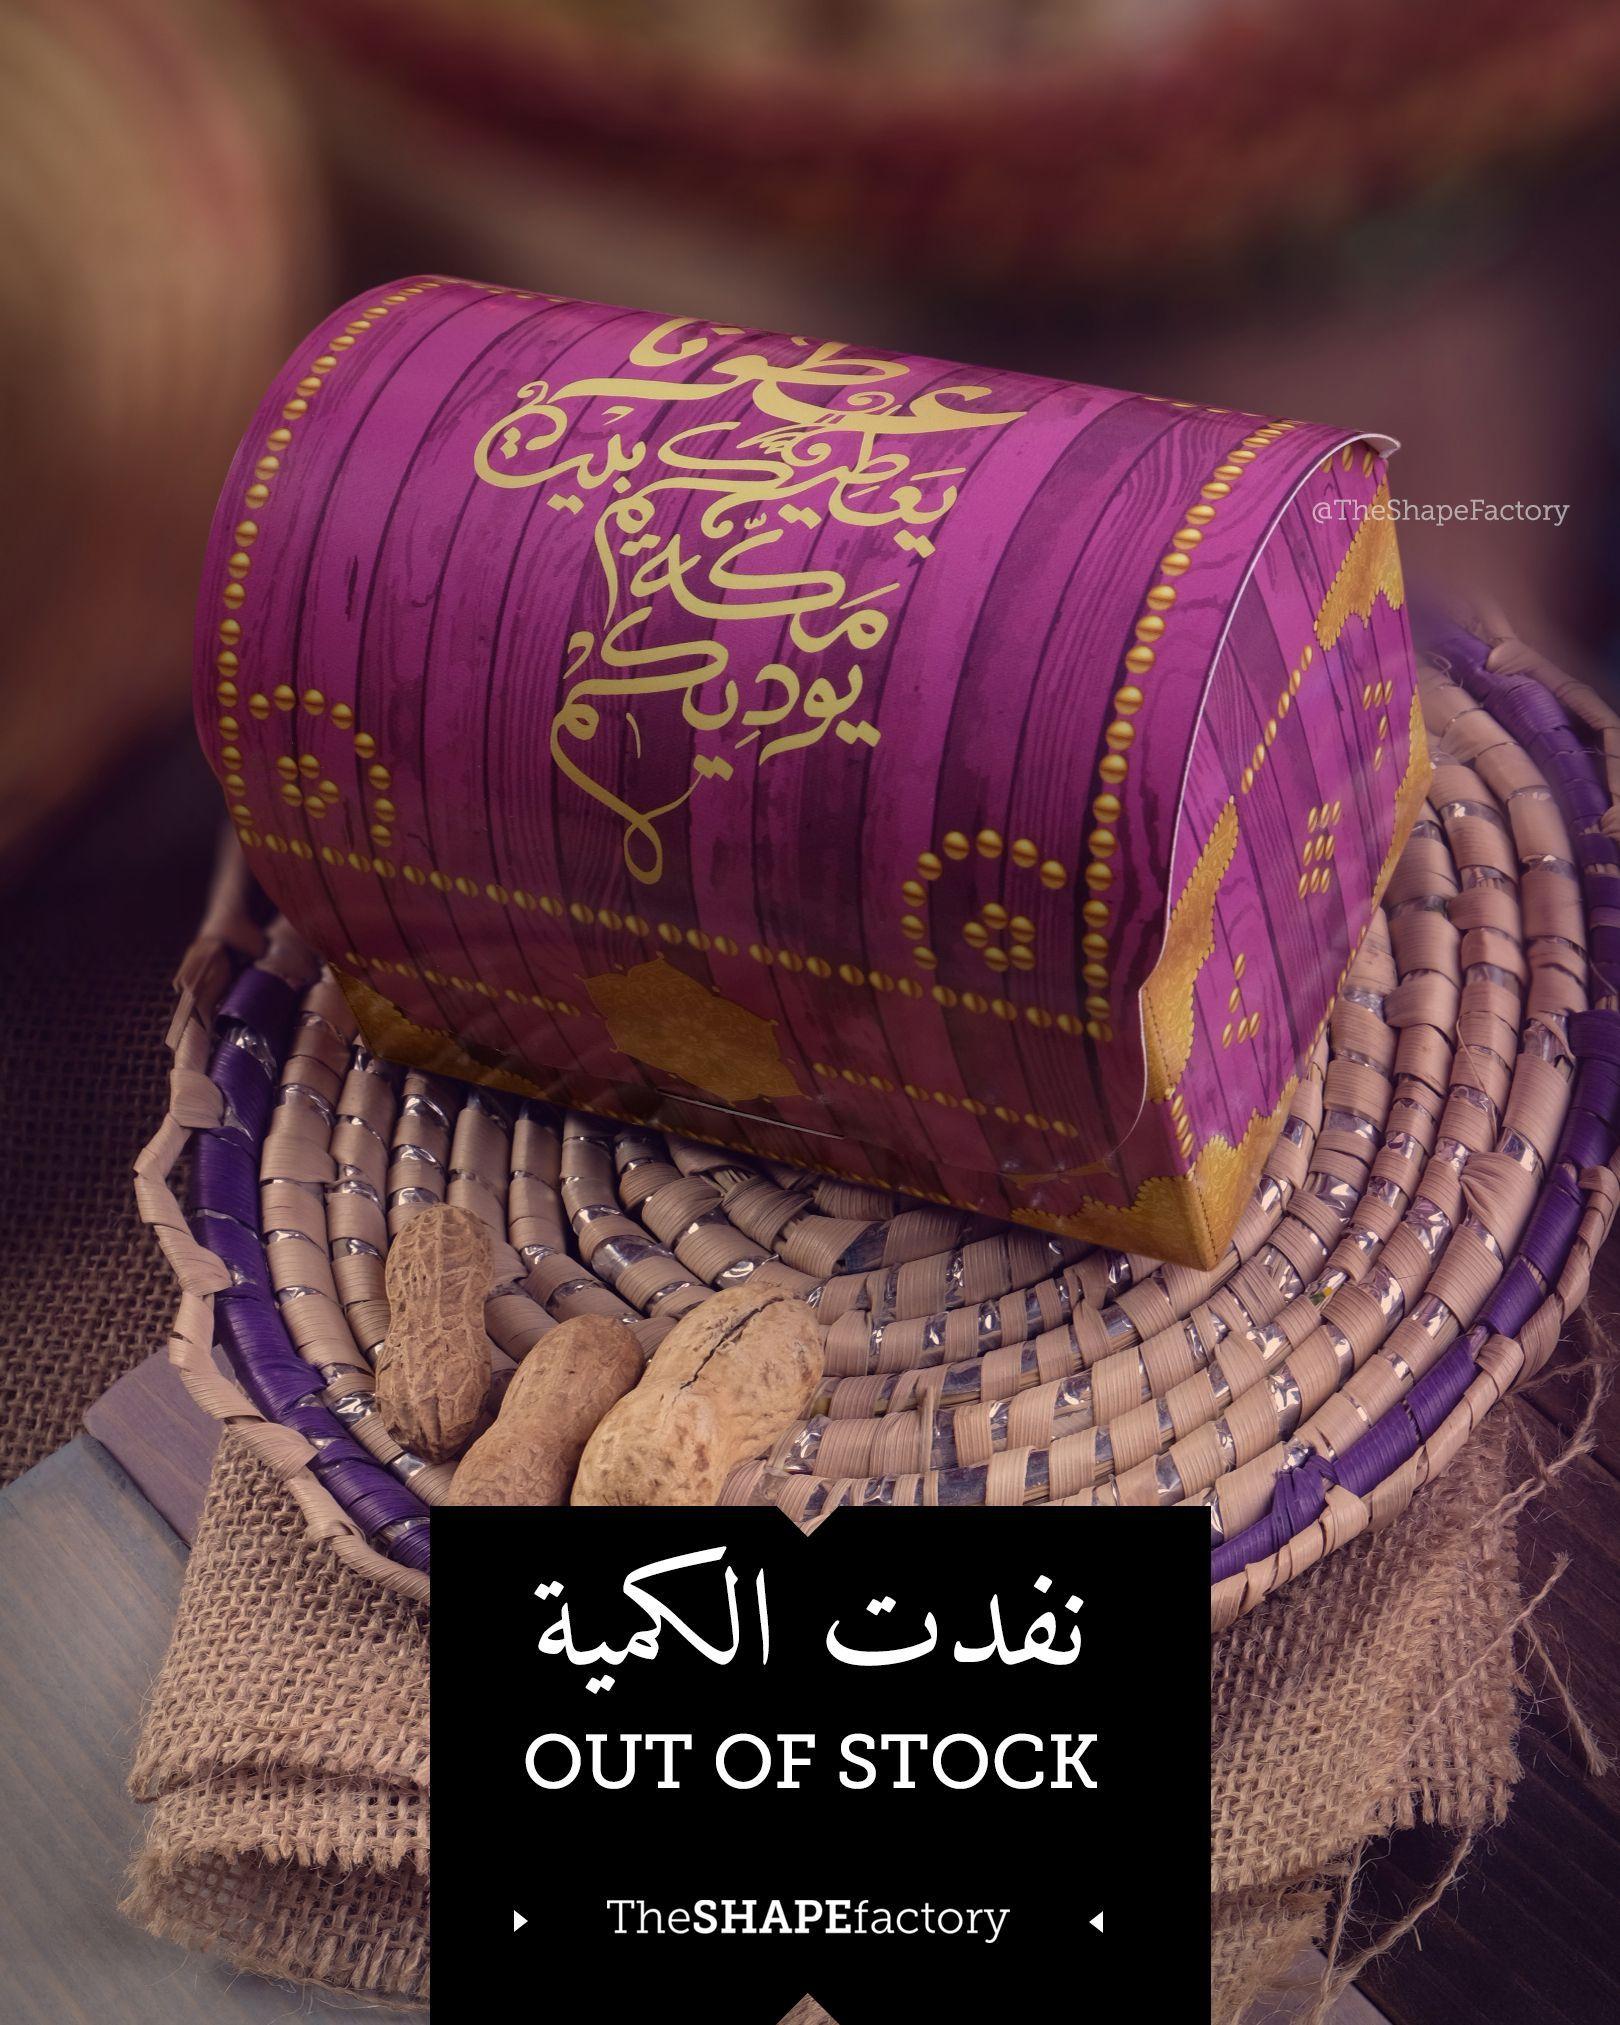 علبة الصندوق المبيت خلصت مثل ما خبرناكم قبل جم يوم بتلحقون على الباقي ولا للحين متحيرين في العلب Shape Code Bx0135 القياسات الطول Ramadan